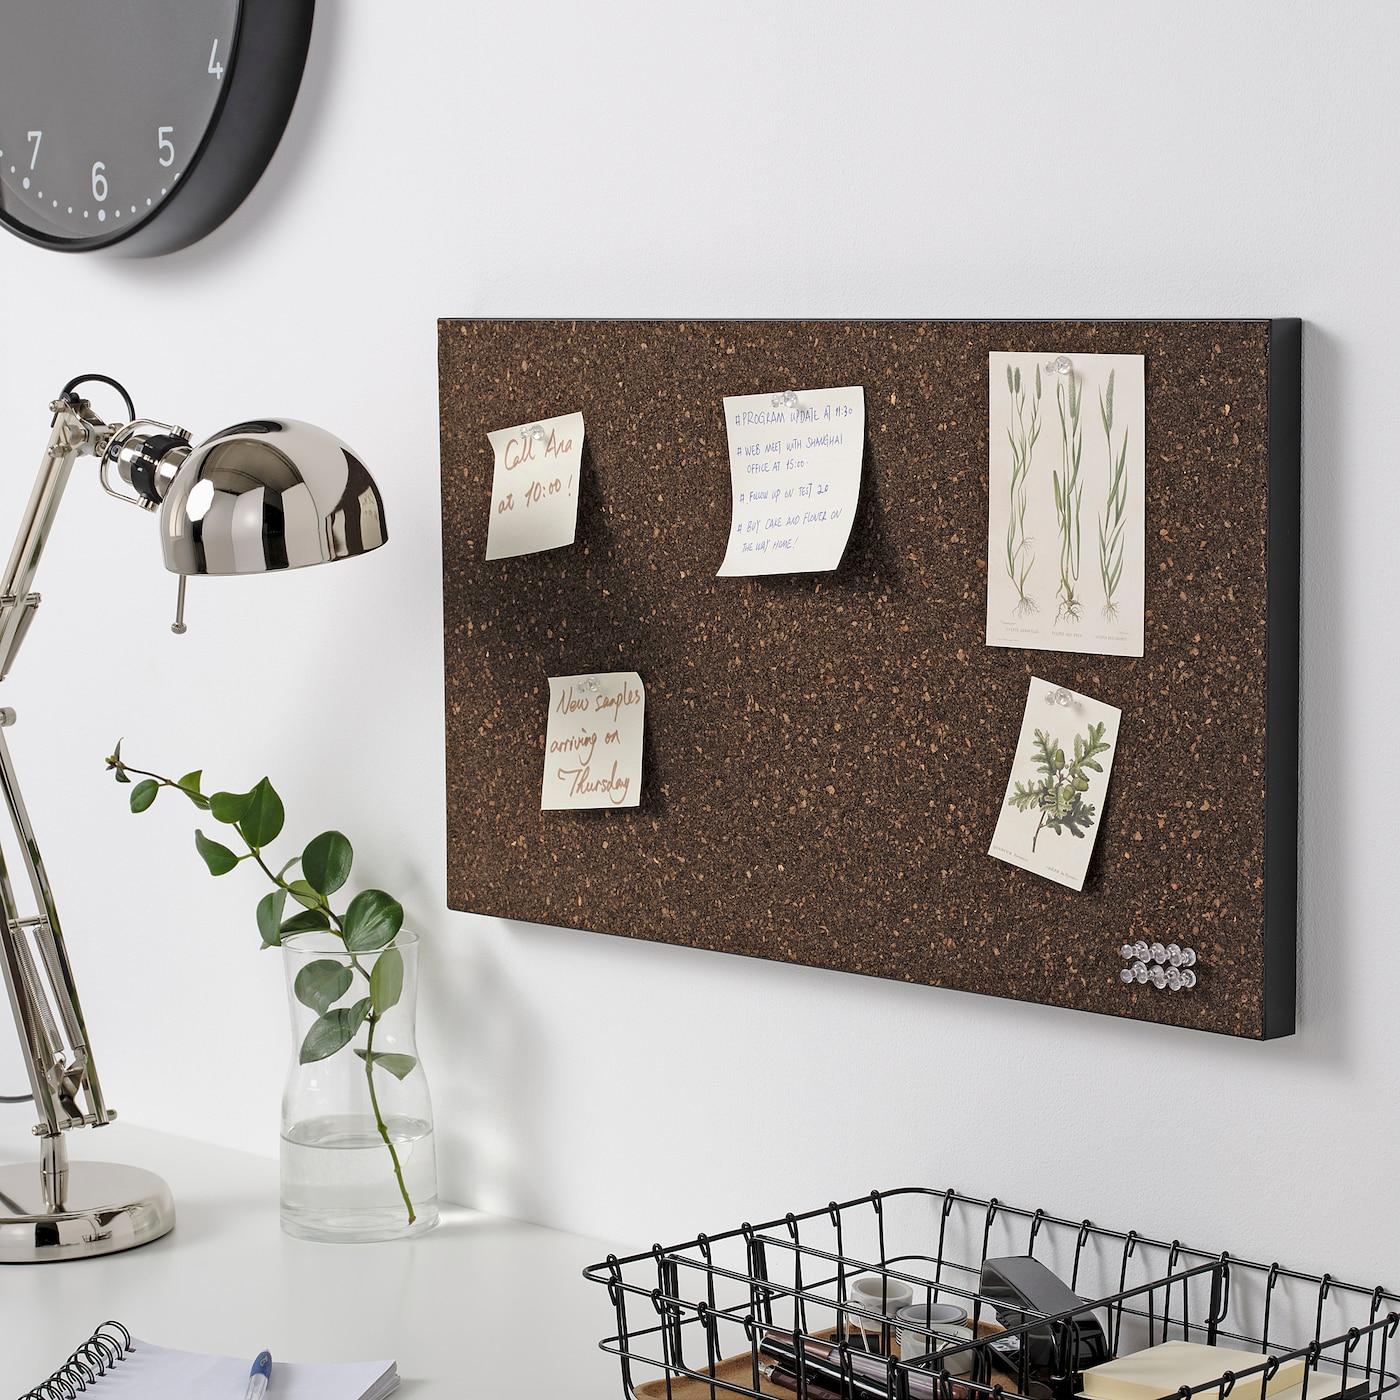 Panneau En Liège Ikea svensÅs tableau-mémo avec épingles - liège brun foncé 35x60 cm